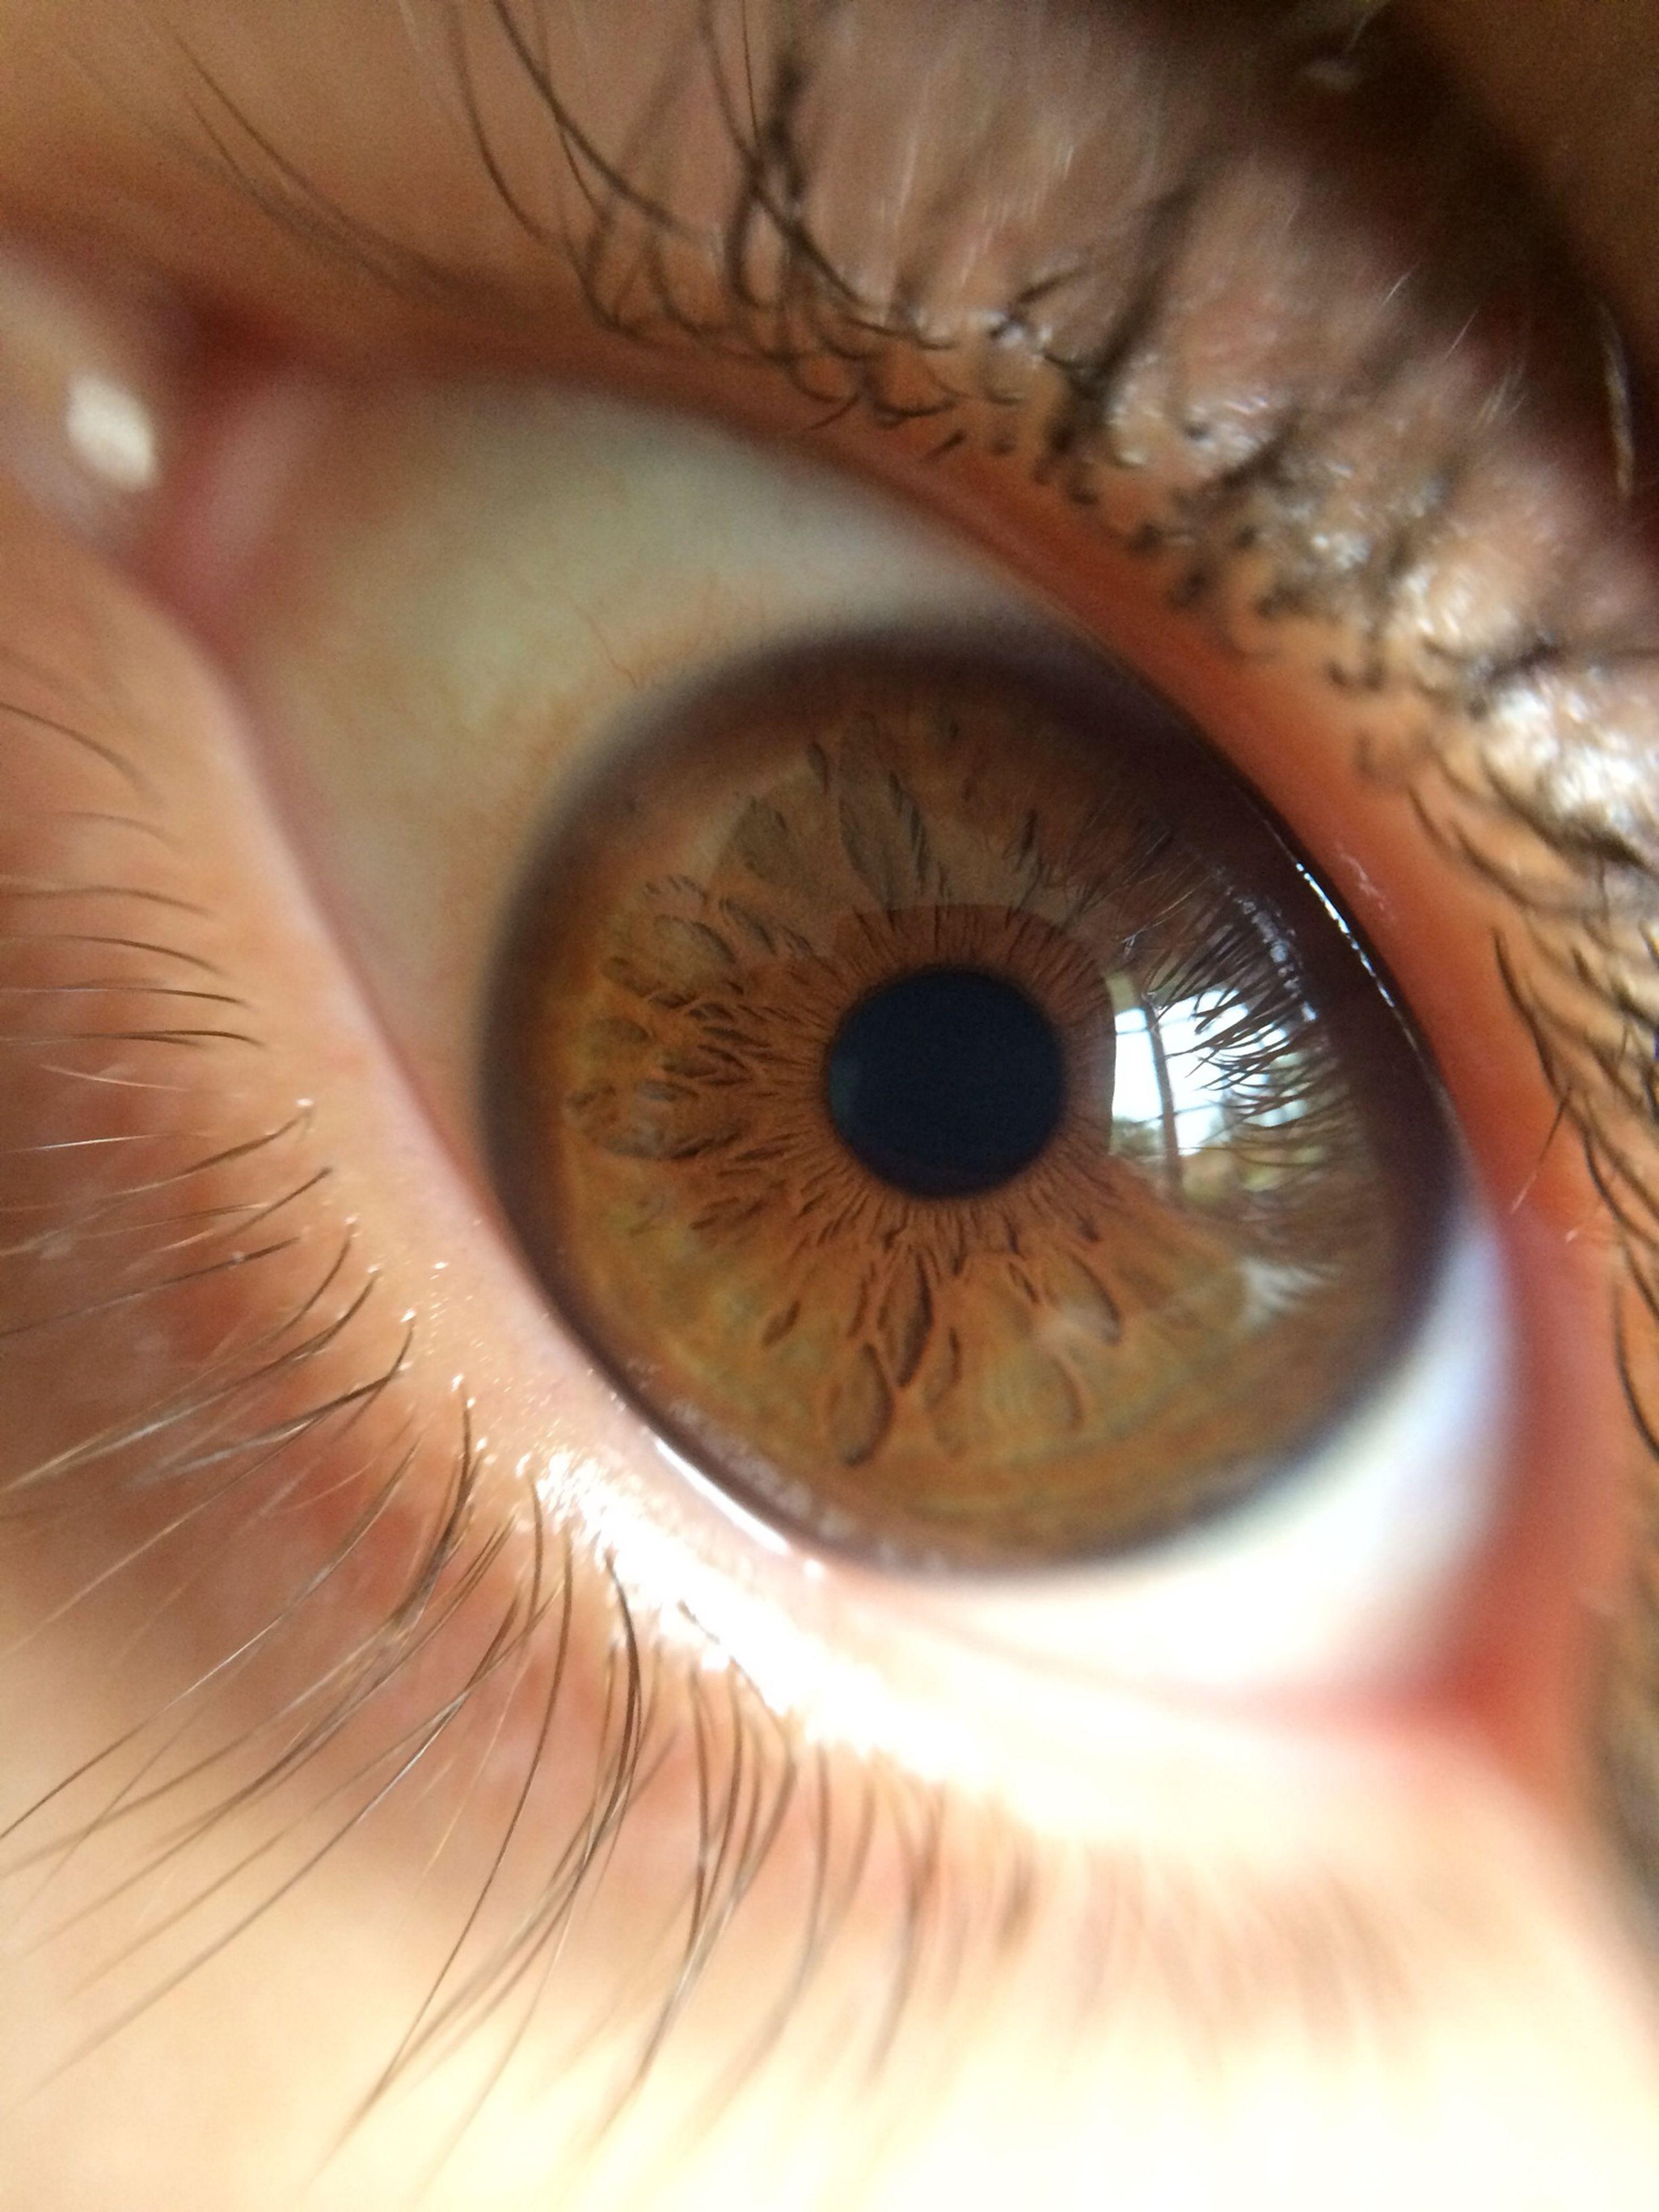 human eye, eyelash, eyesight, close-up, extreme close-up, full frame, sensory perception, iris - eye, extreme close up, eyeball, indoors, backgrounds, part of, macro, looking at camera, detail, human skin